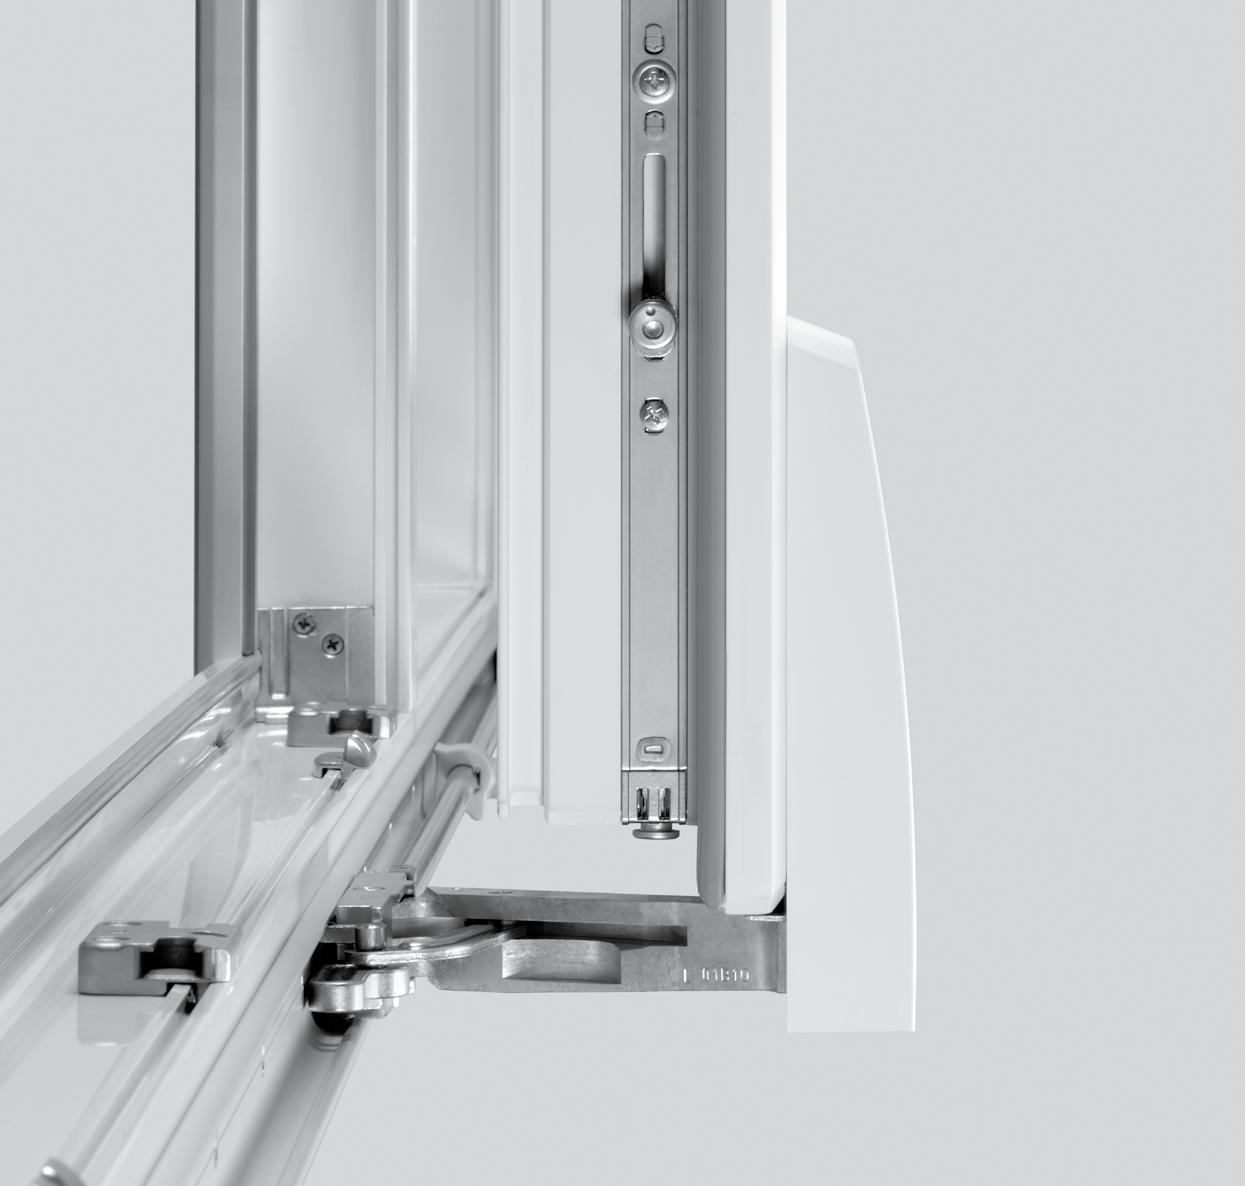 Параллельно-сдвижные двери Patio: уникальные технологии и долговечность использования